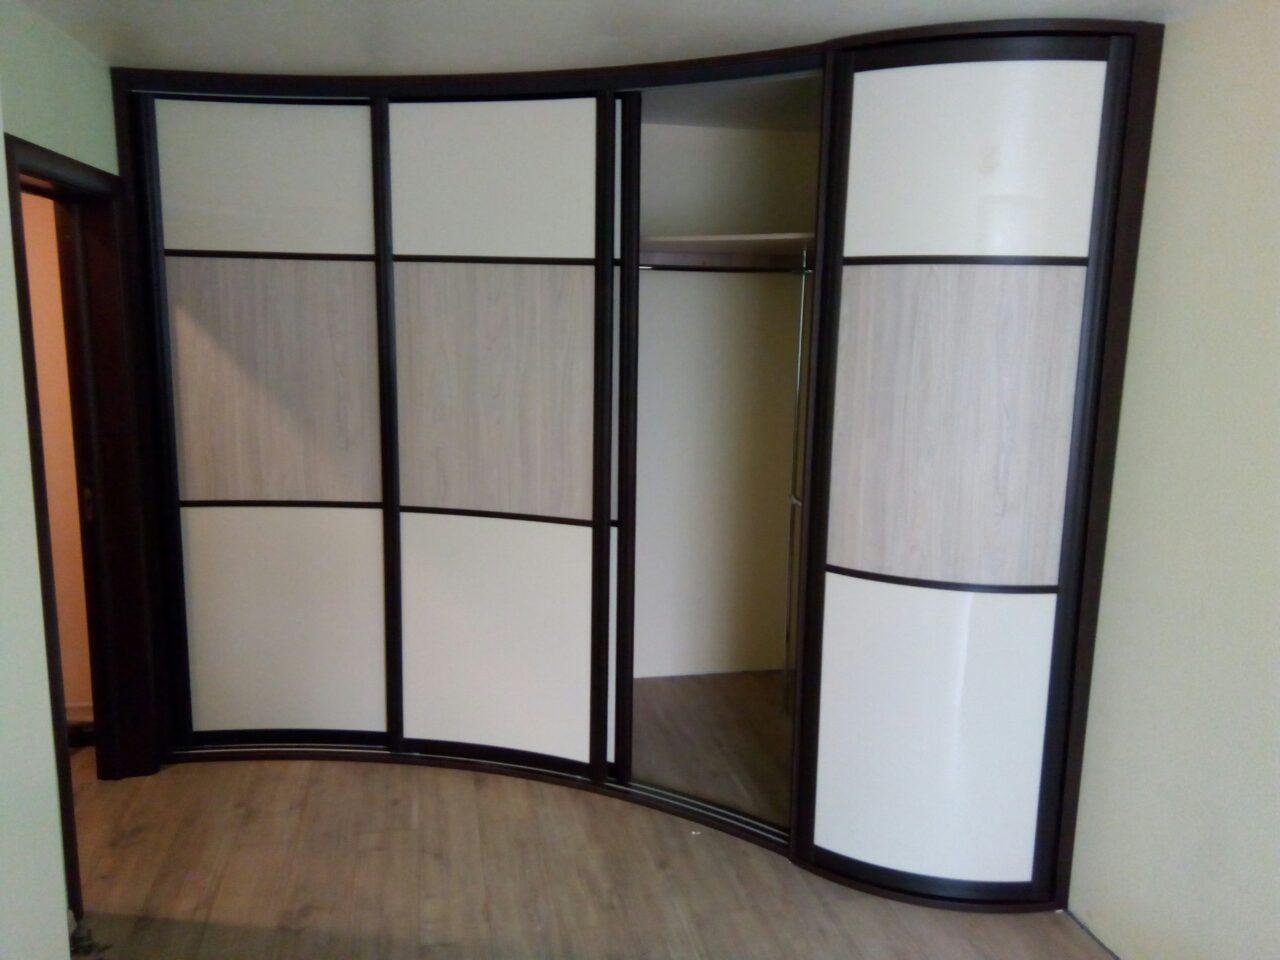 В шкафу большое количество полочек, а крайняя правая дверь сделана распашной